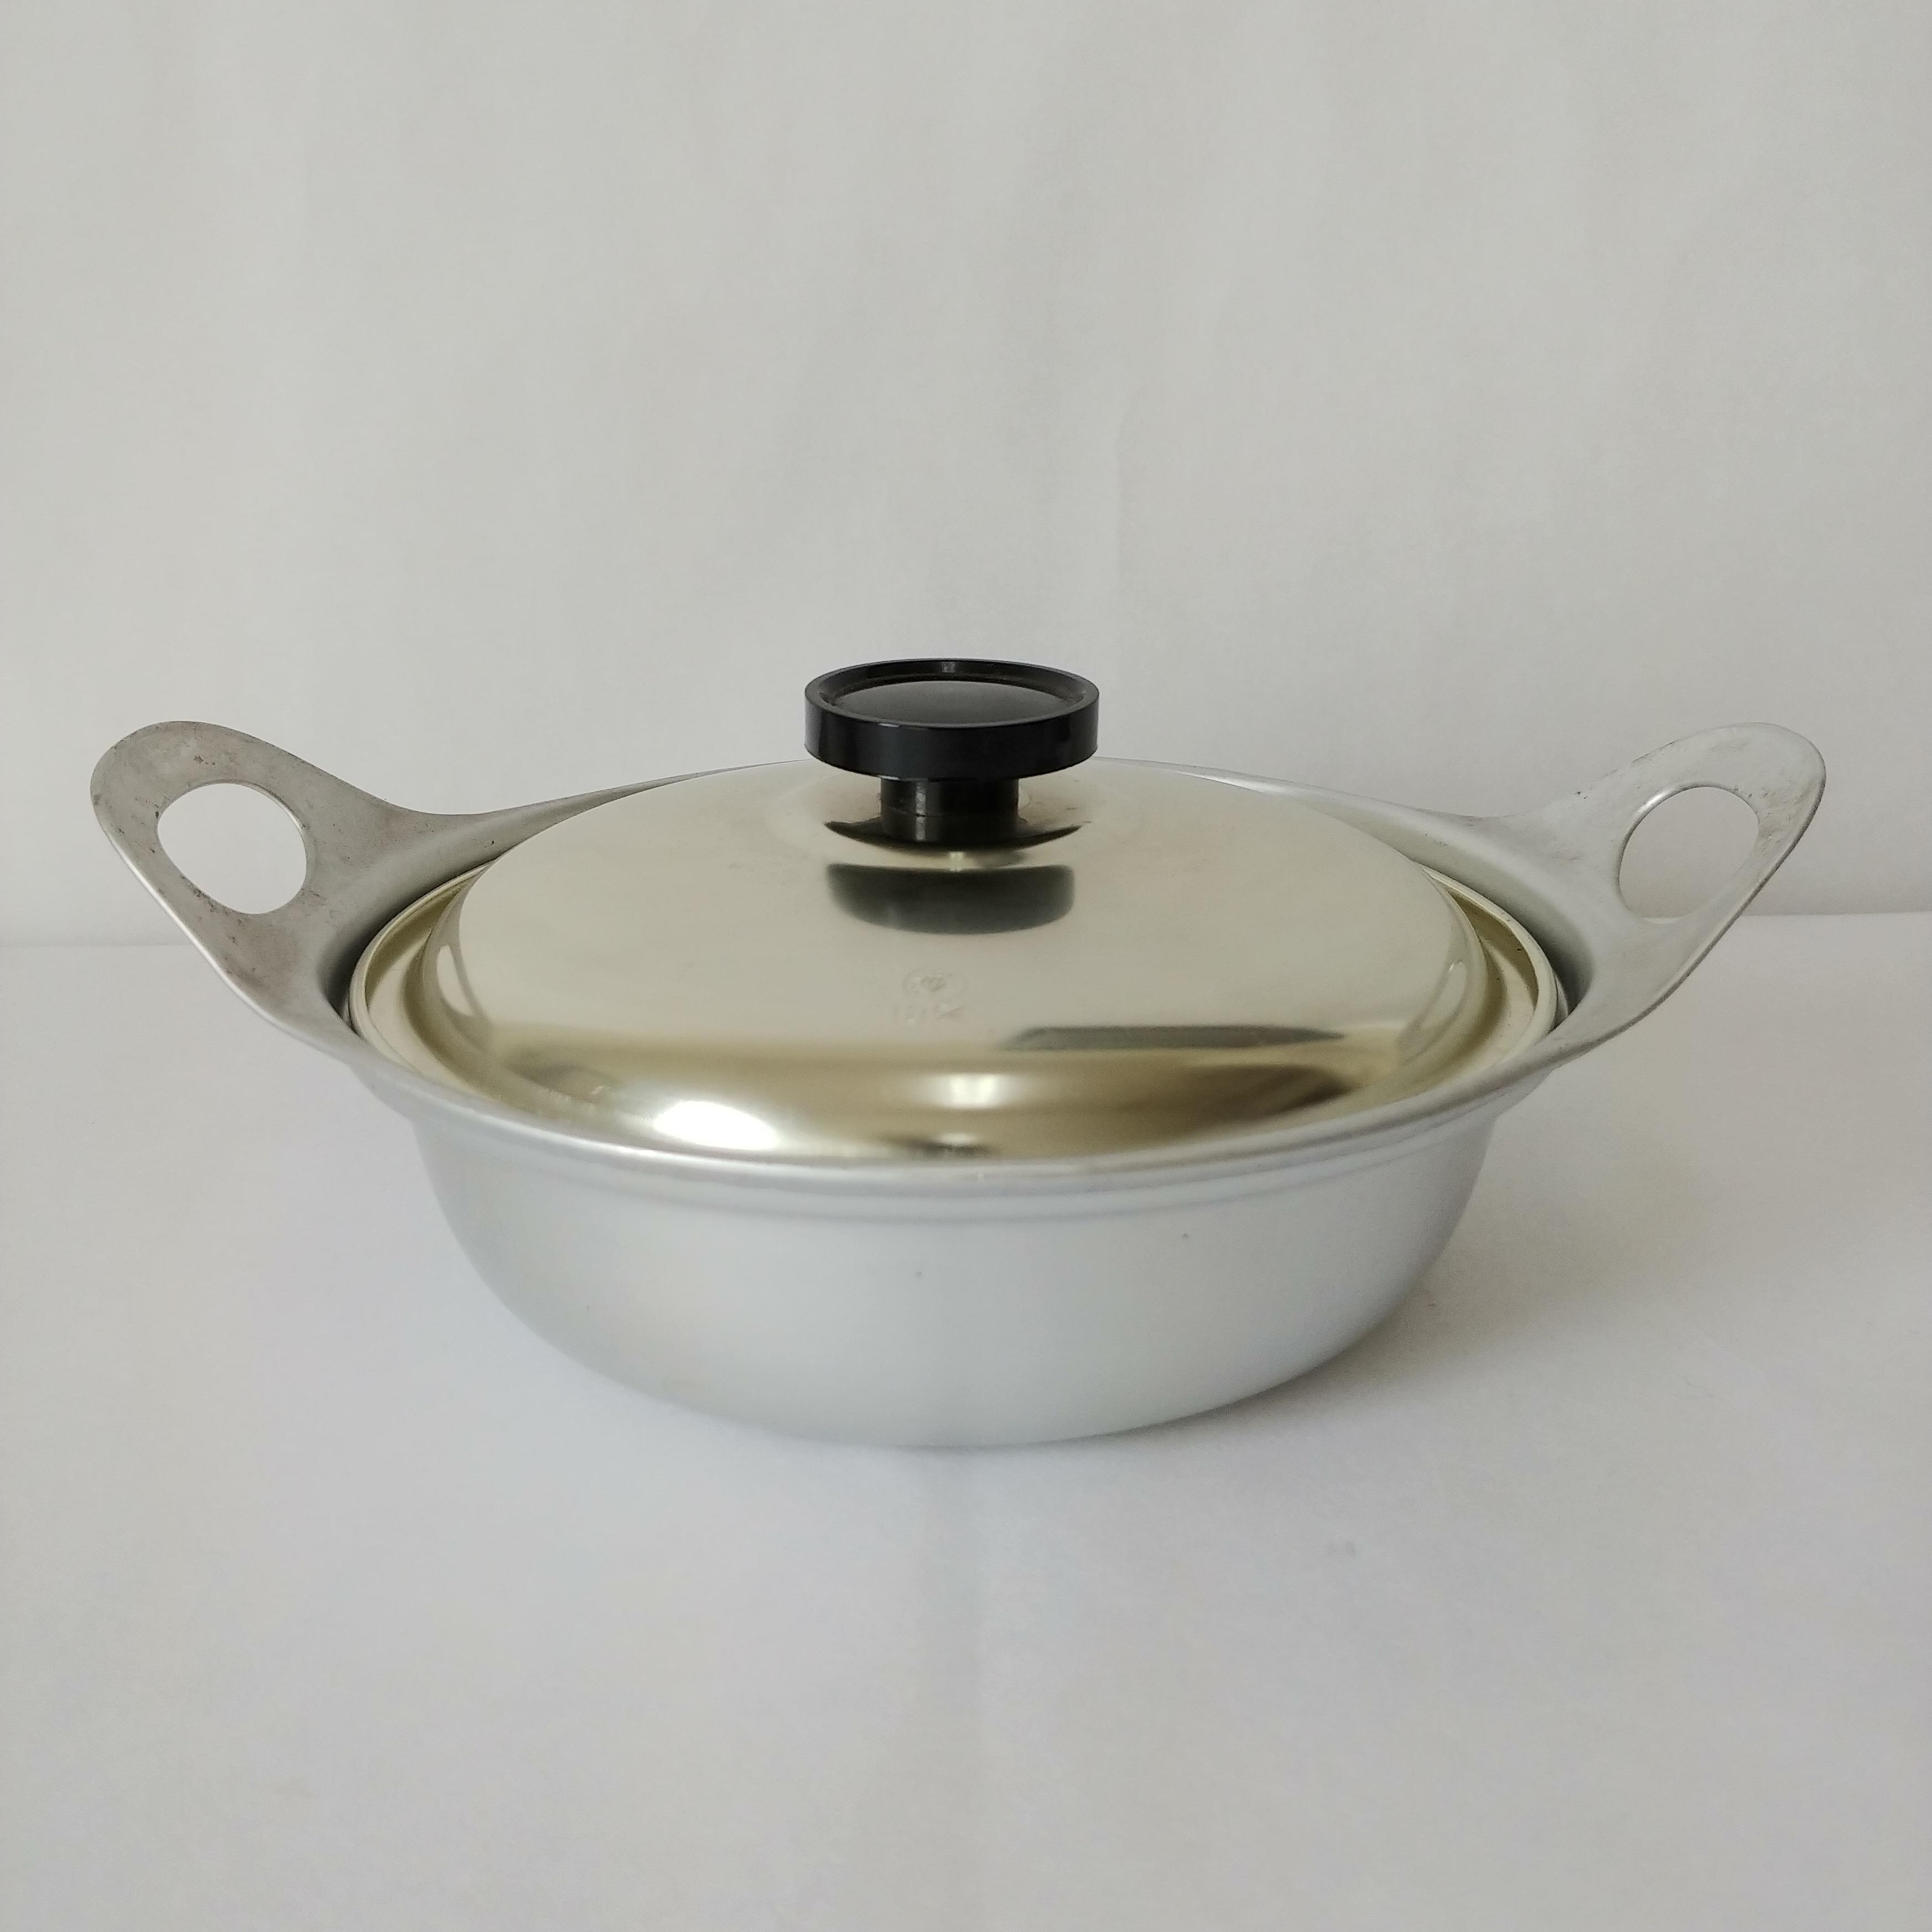 軽くてかわいらしい一人用アルミ鍋